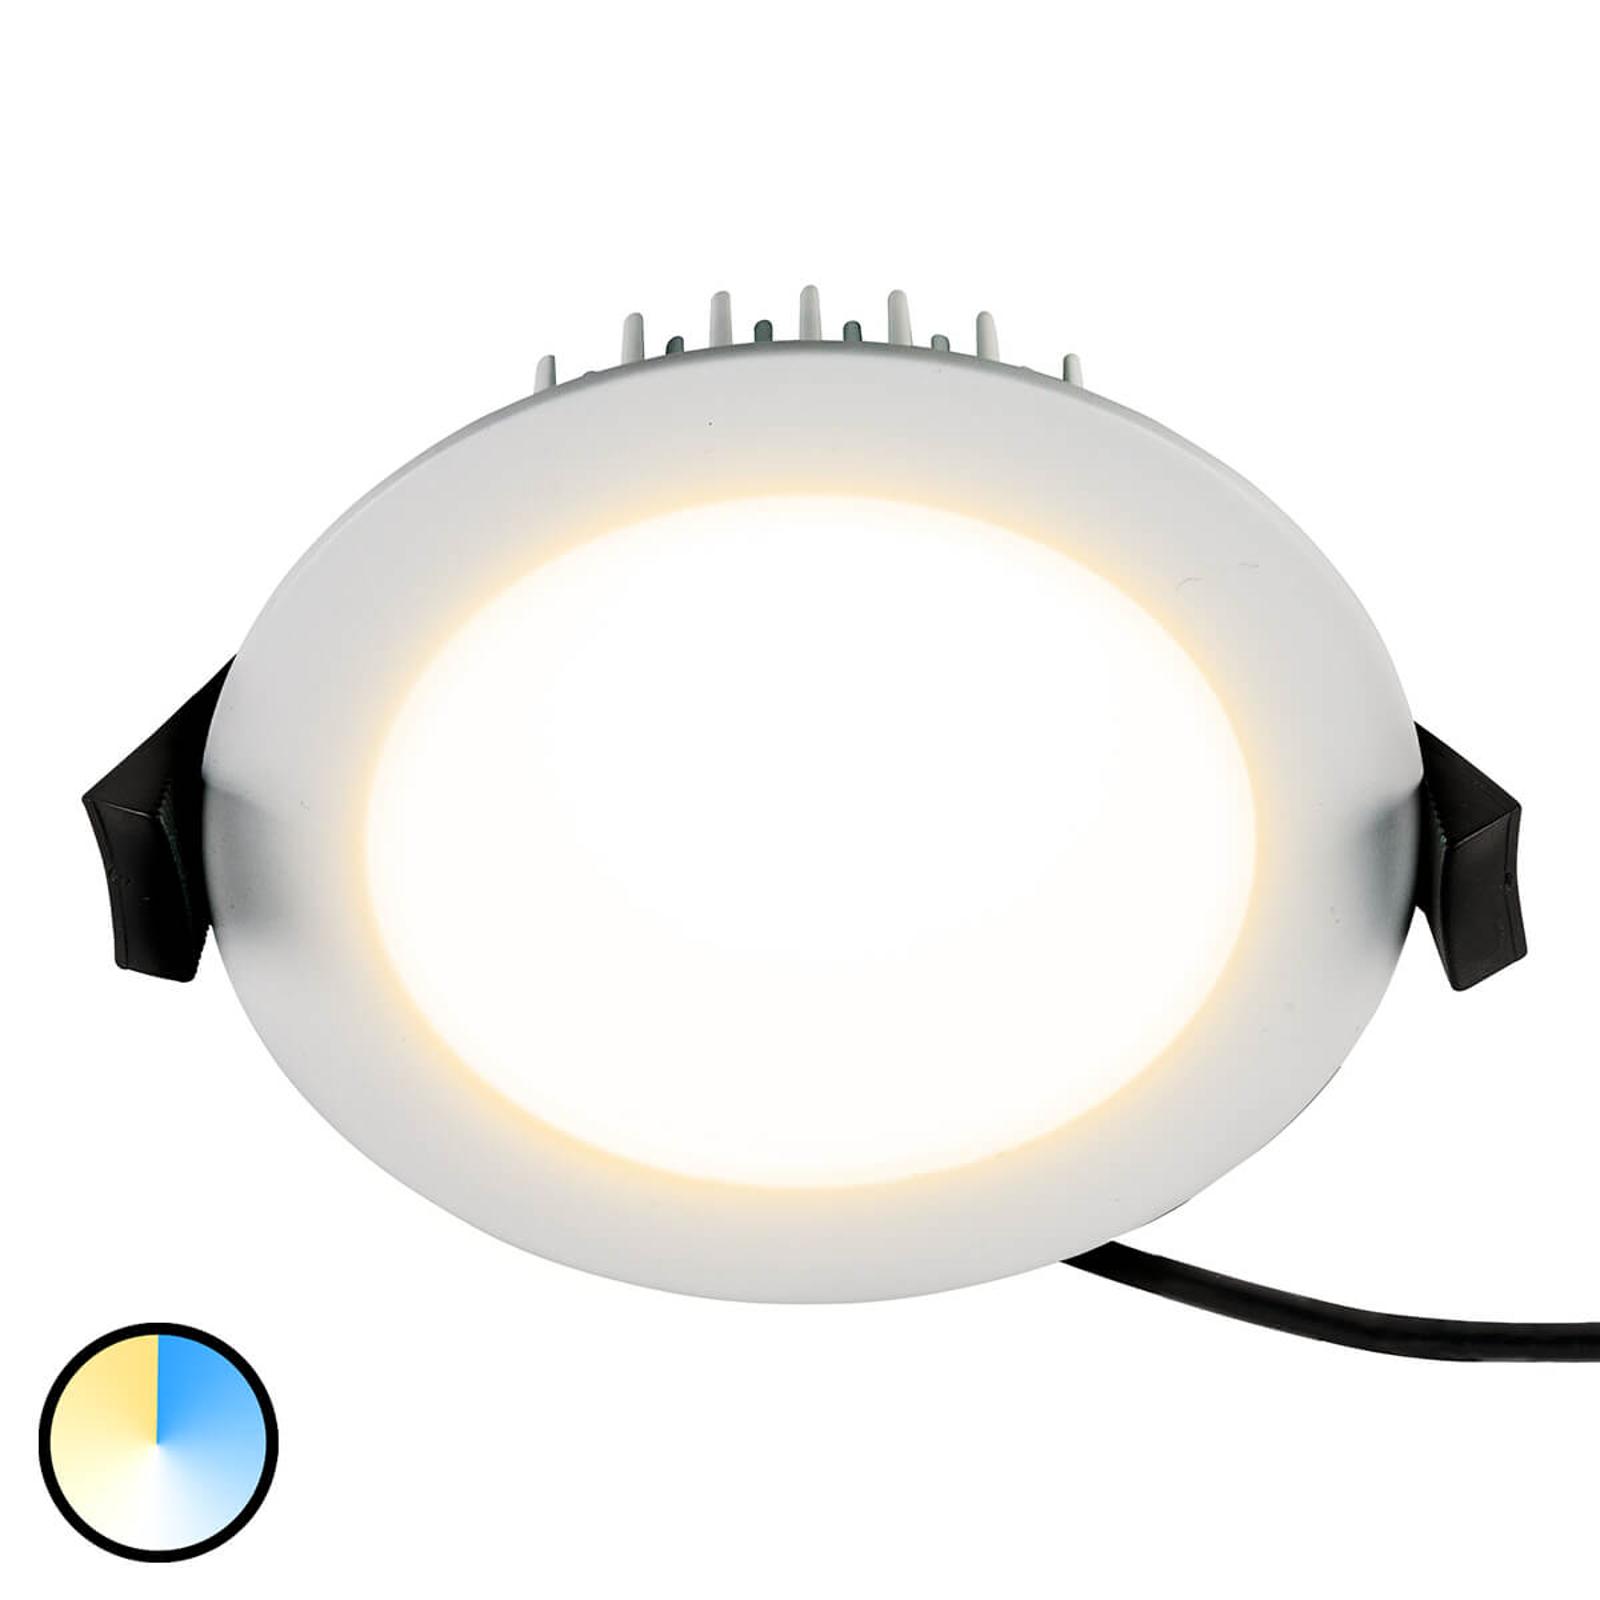 Kätevä LED-uppokohdevalaisin Lino, 13 W